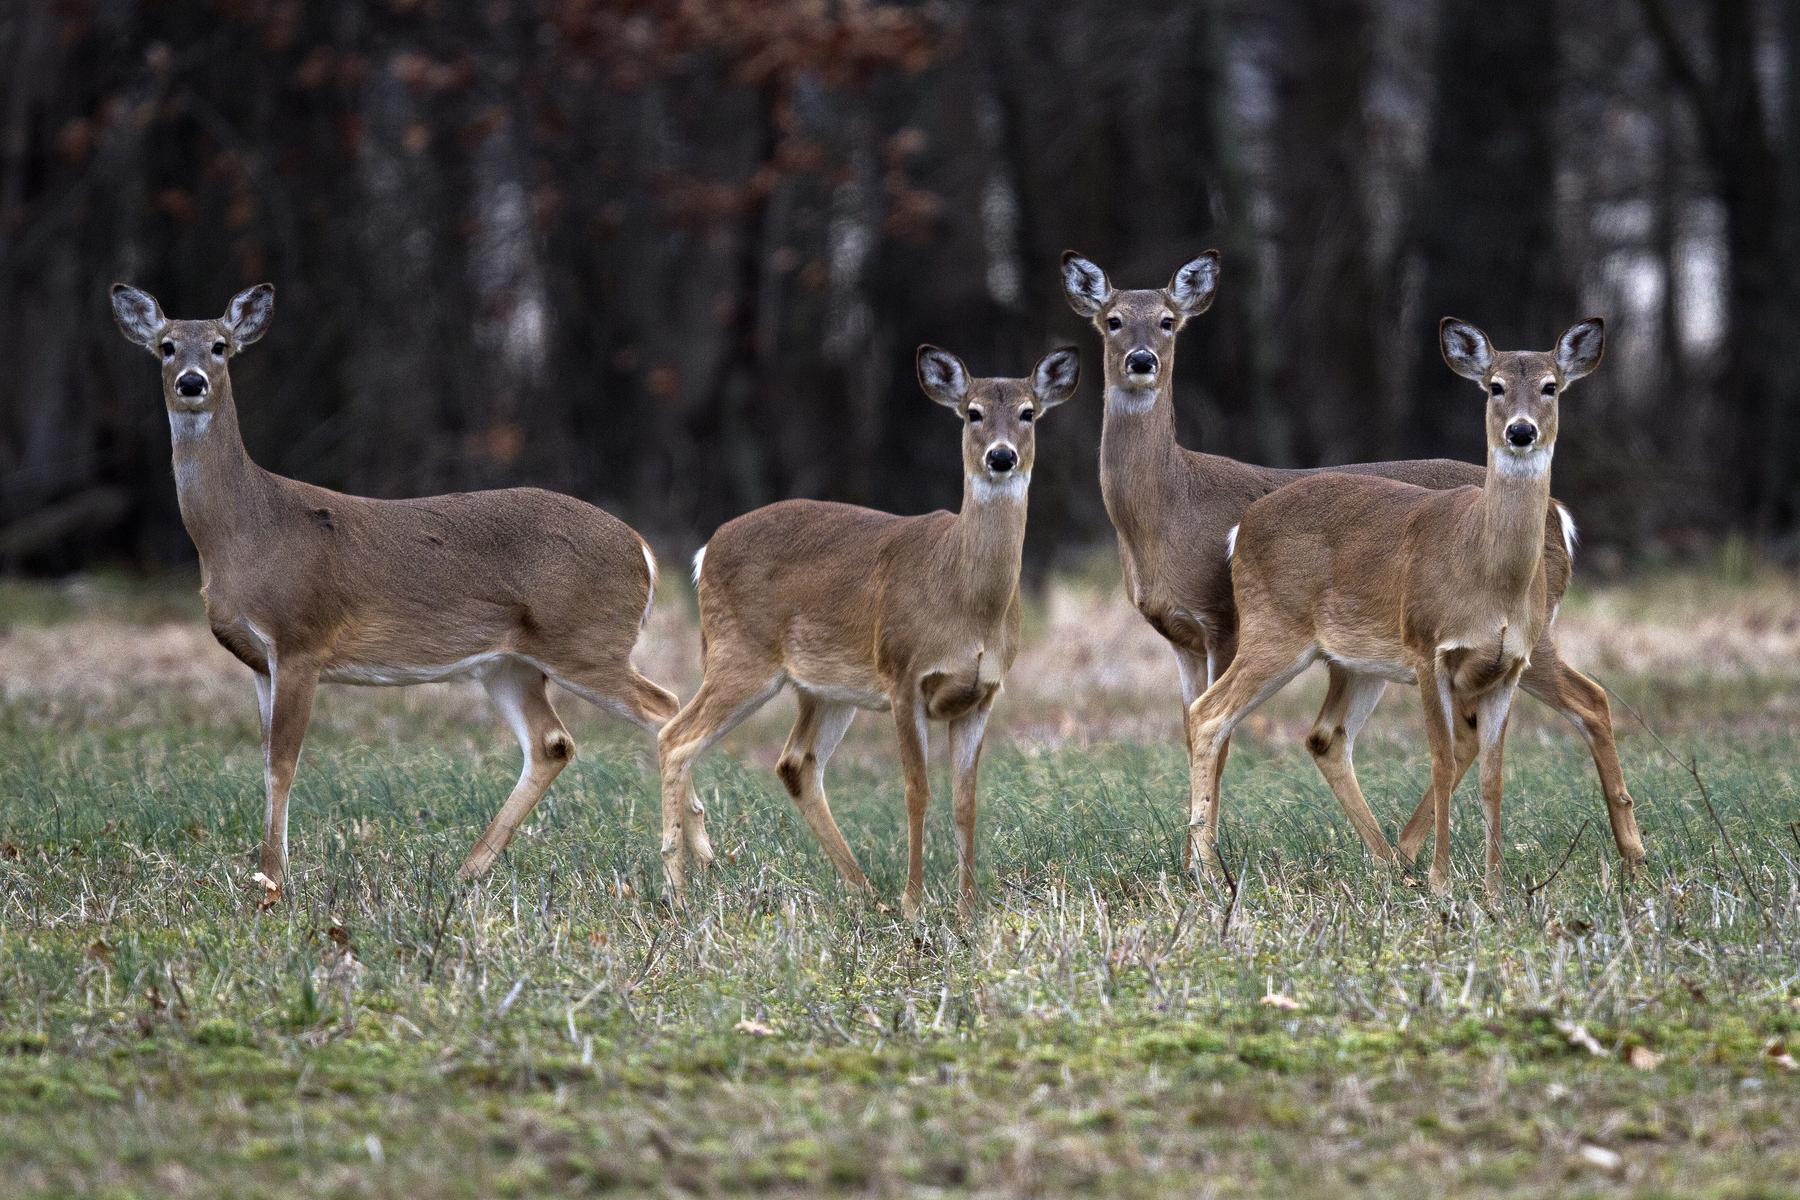 Healthy deer. Photo by Susan Post, INHS.